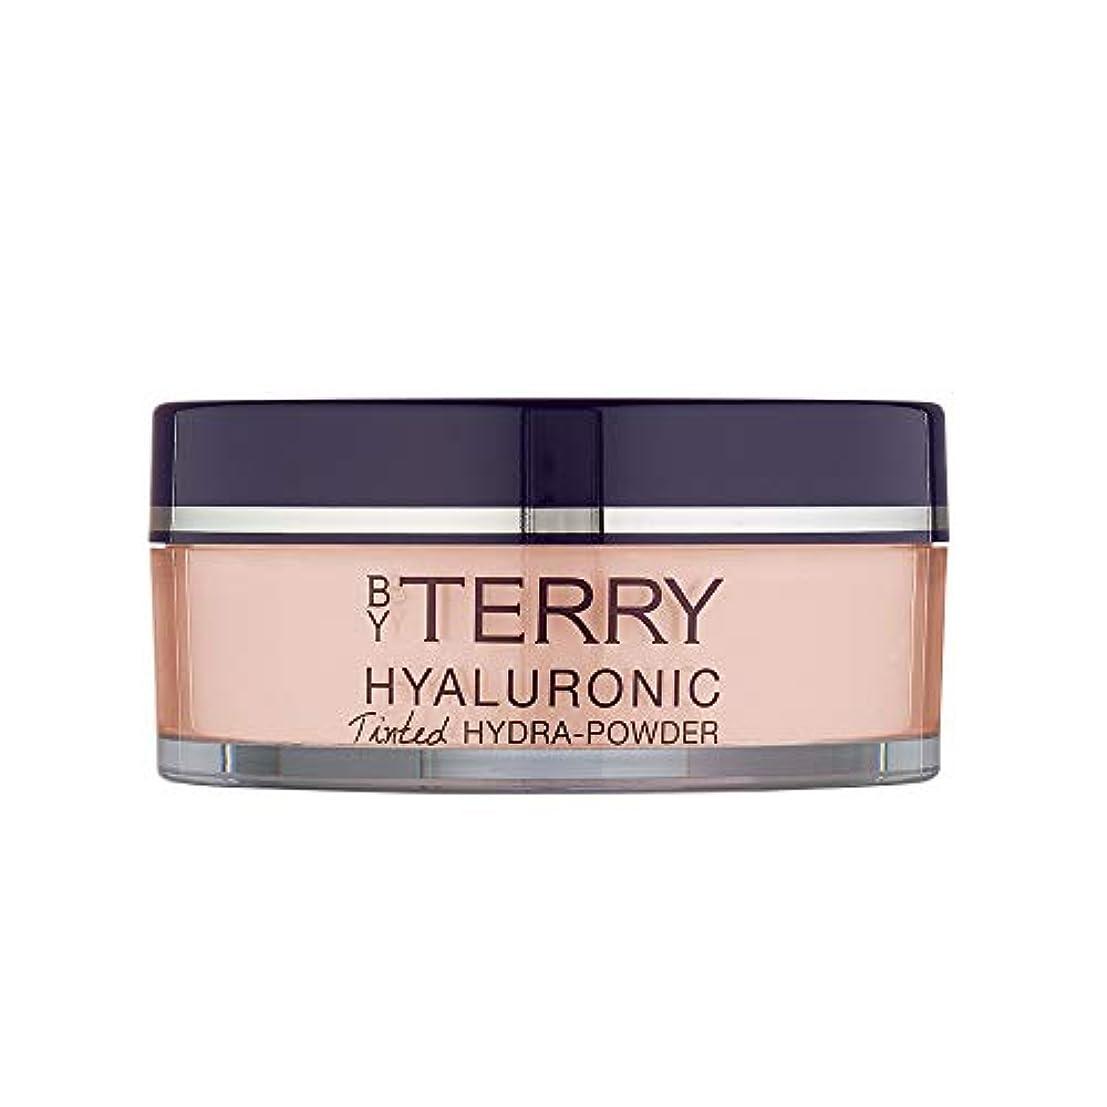 変形改善する叫び声バイテリー Hyaluronic Tinted Hydra Care Setting Powder - # 200 Natural 10g/0.35oz並行輸入品